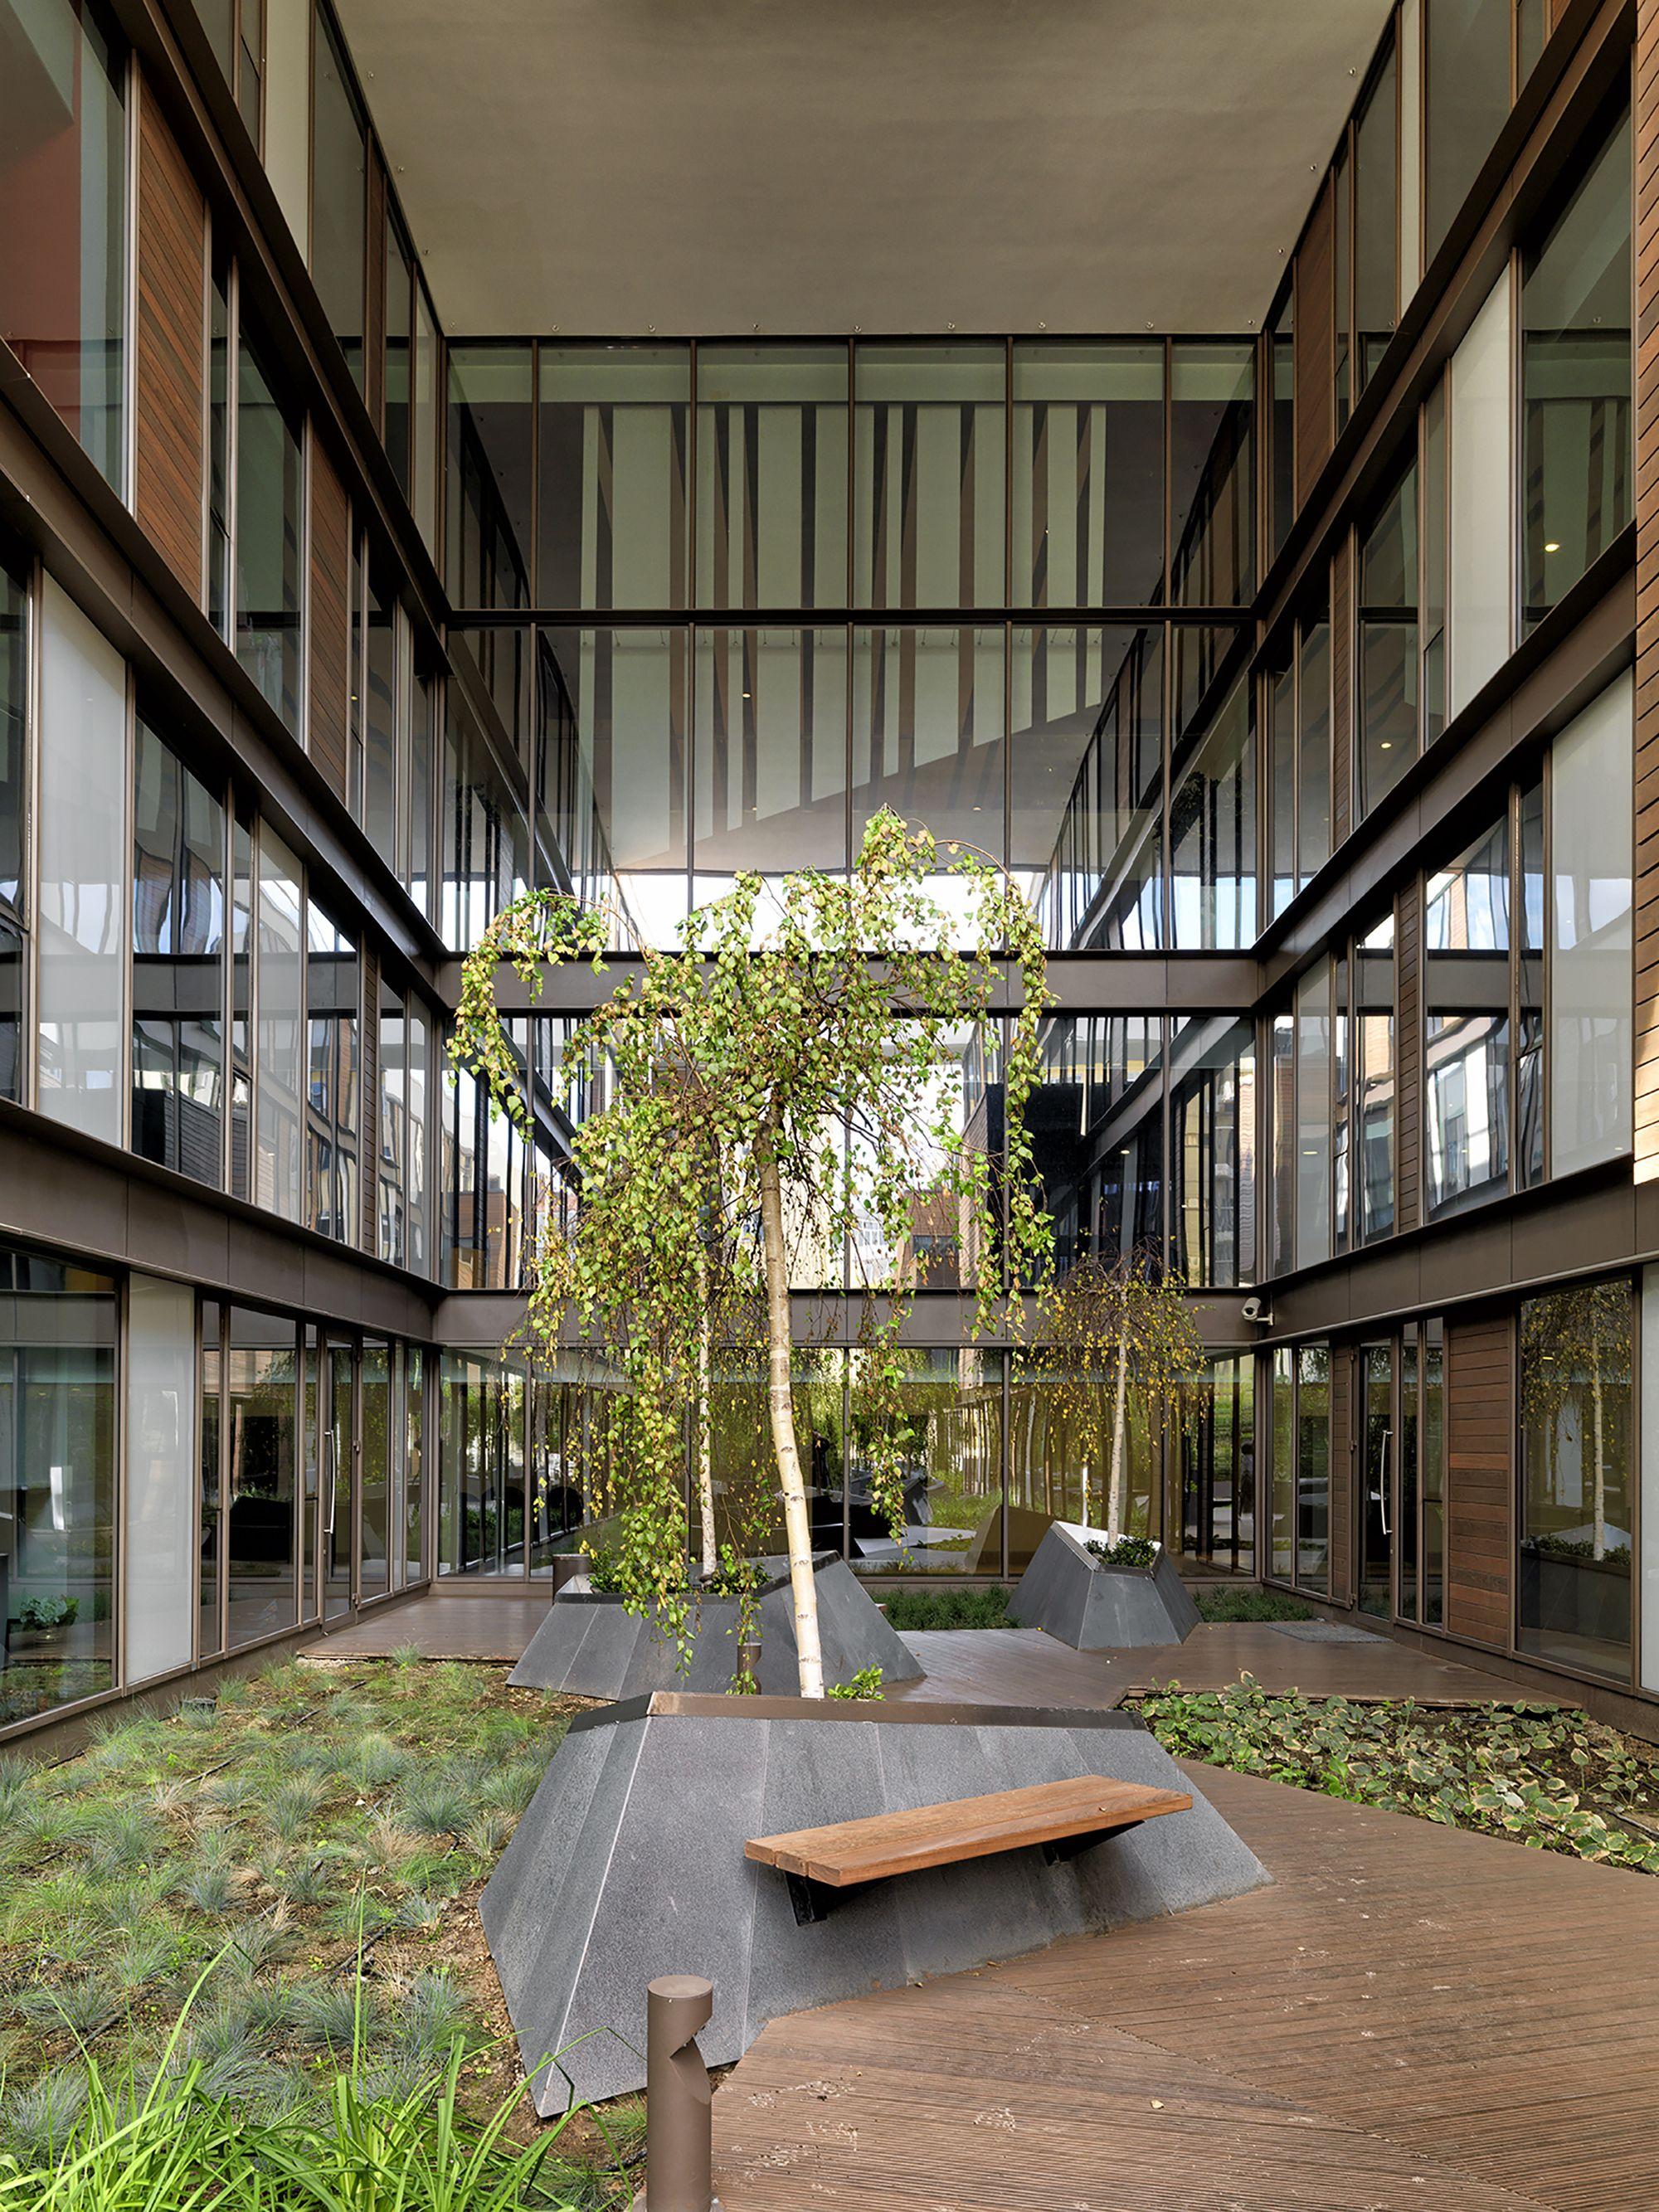 Gallery Of Ronesans Biz Muum 2 Atrium Design Green Architecture Landscape Design